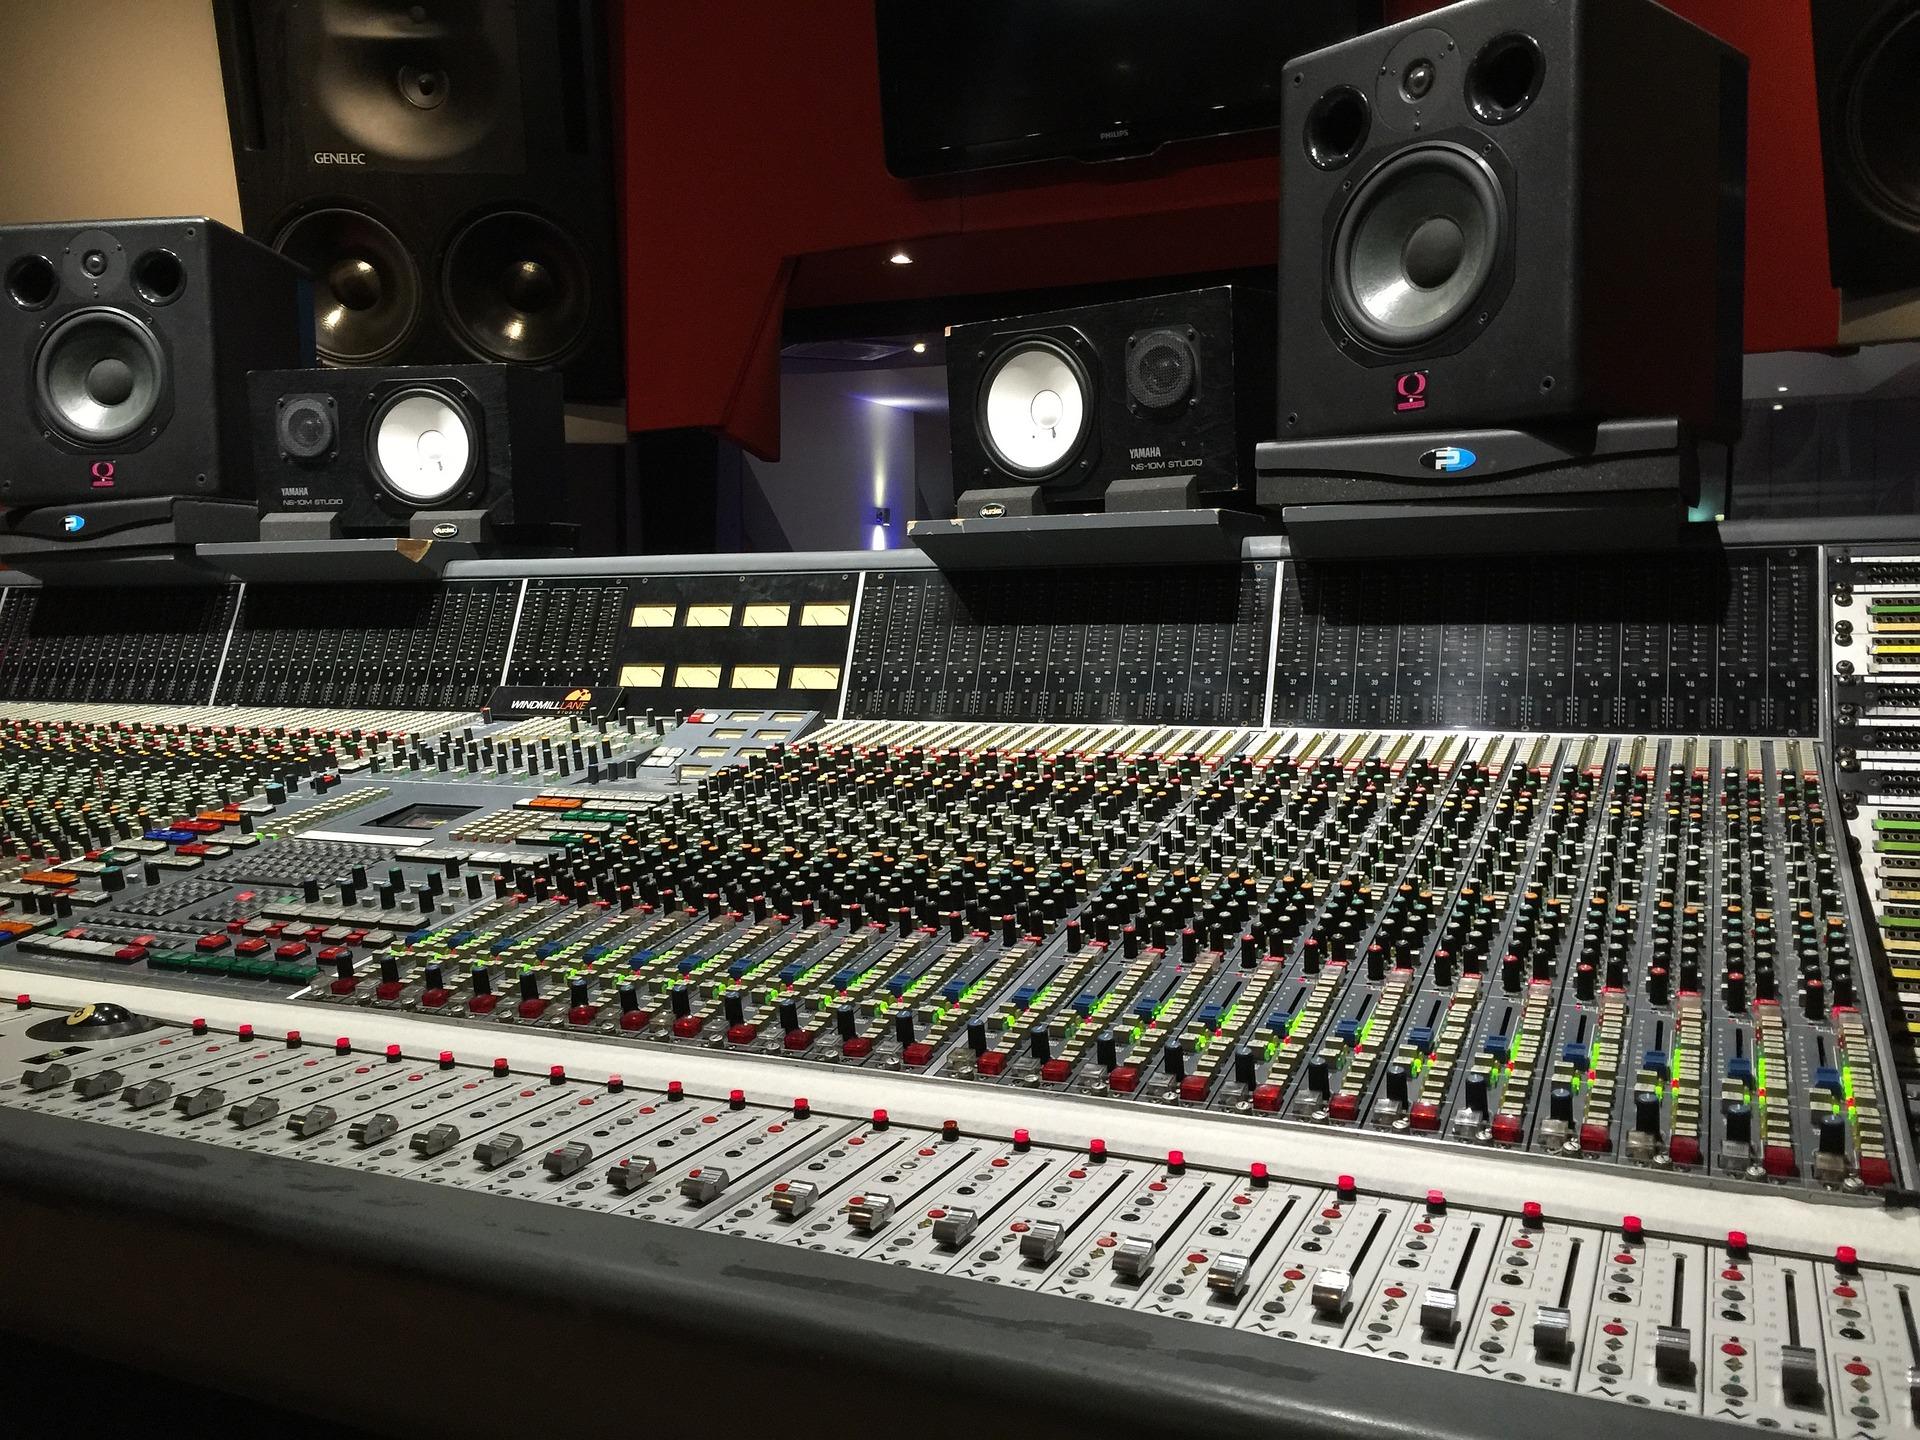 Studio-2224493_1920